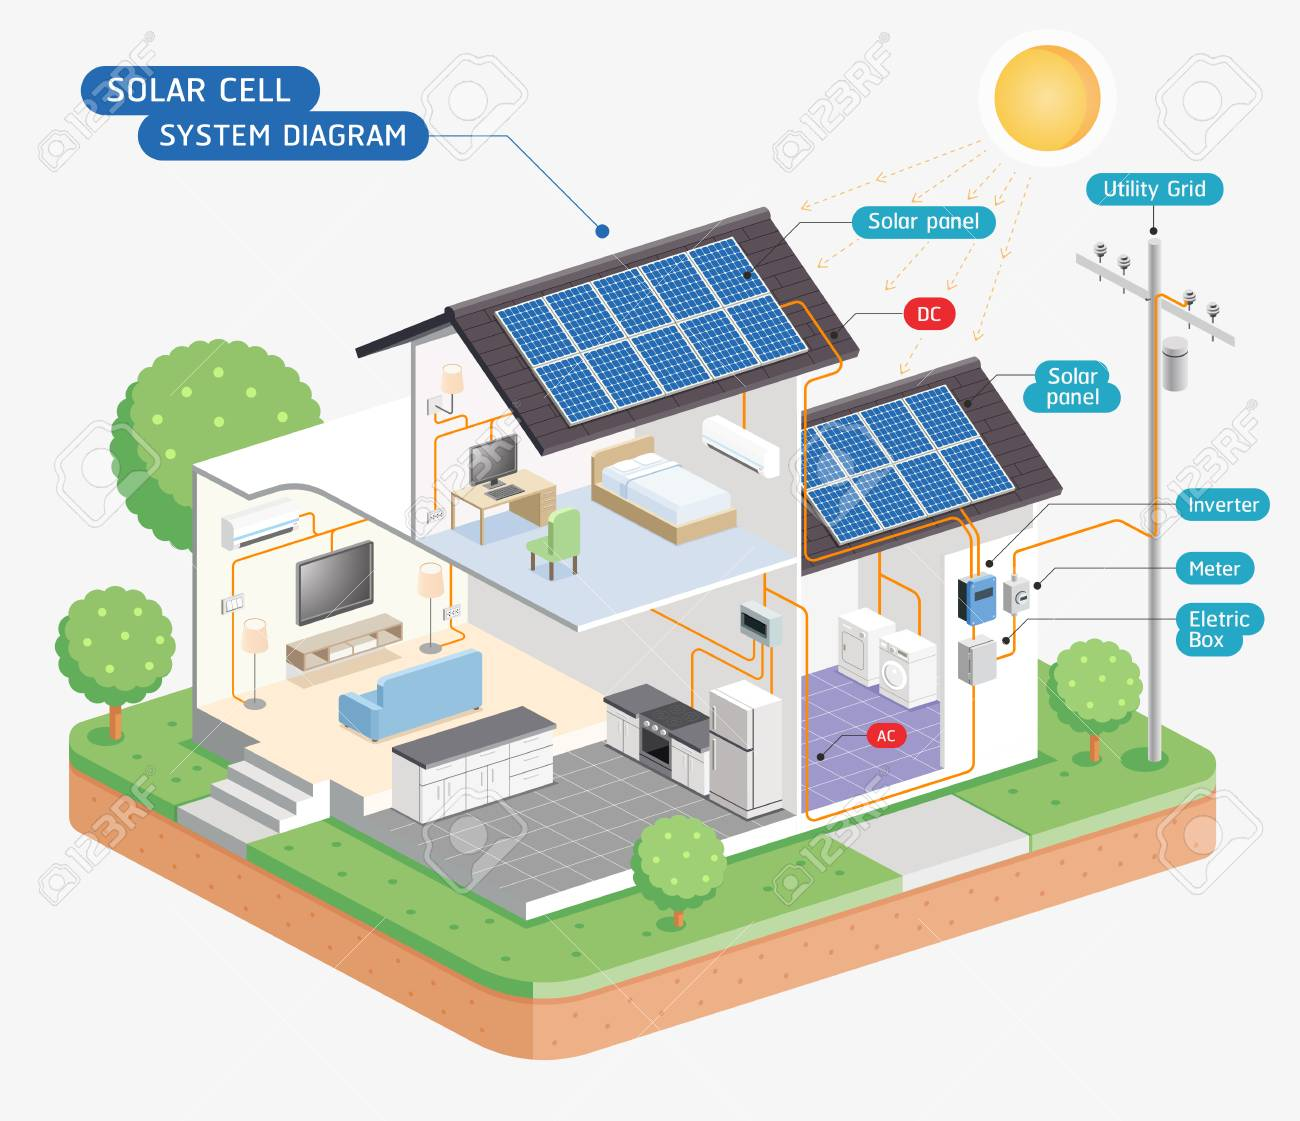 Solar cell system diagram. Vector illustrations. - 93440604